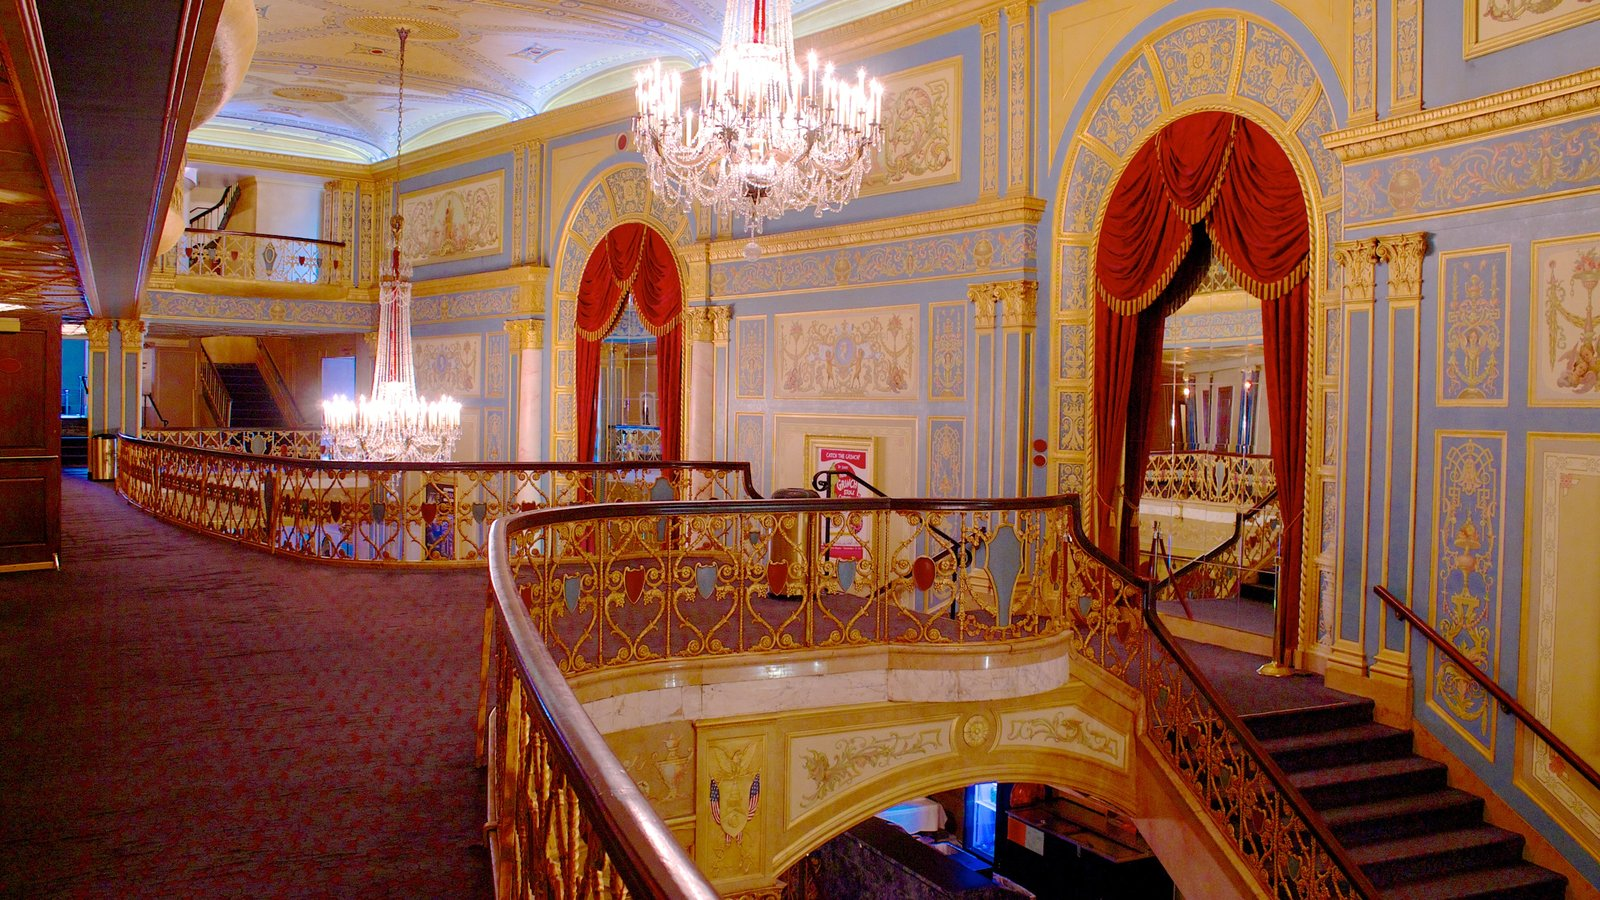 Detroit Opera House mostrando arquitetura de patrimônio e vistas internas